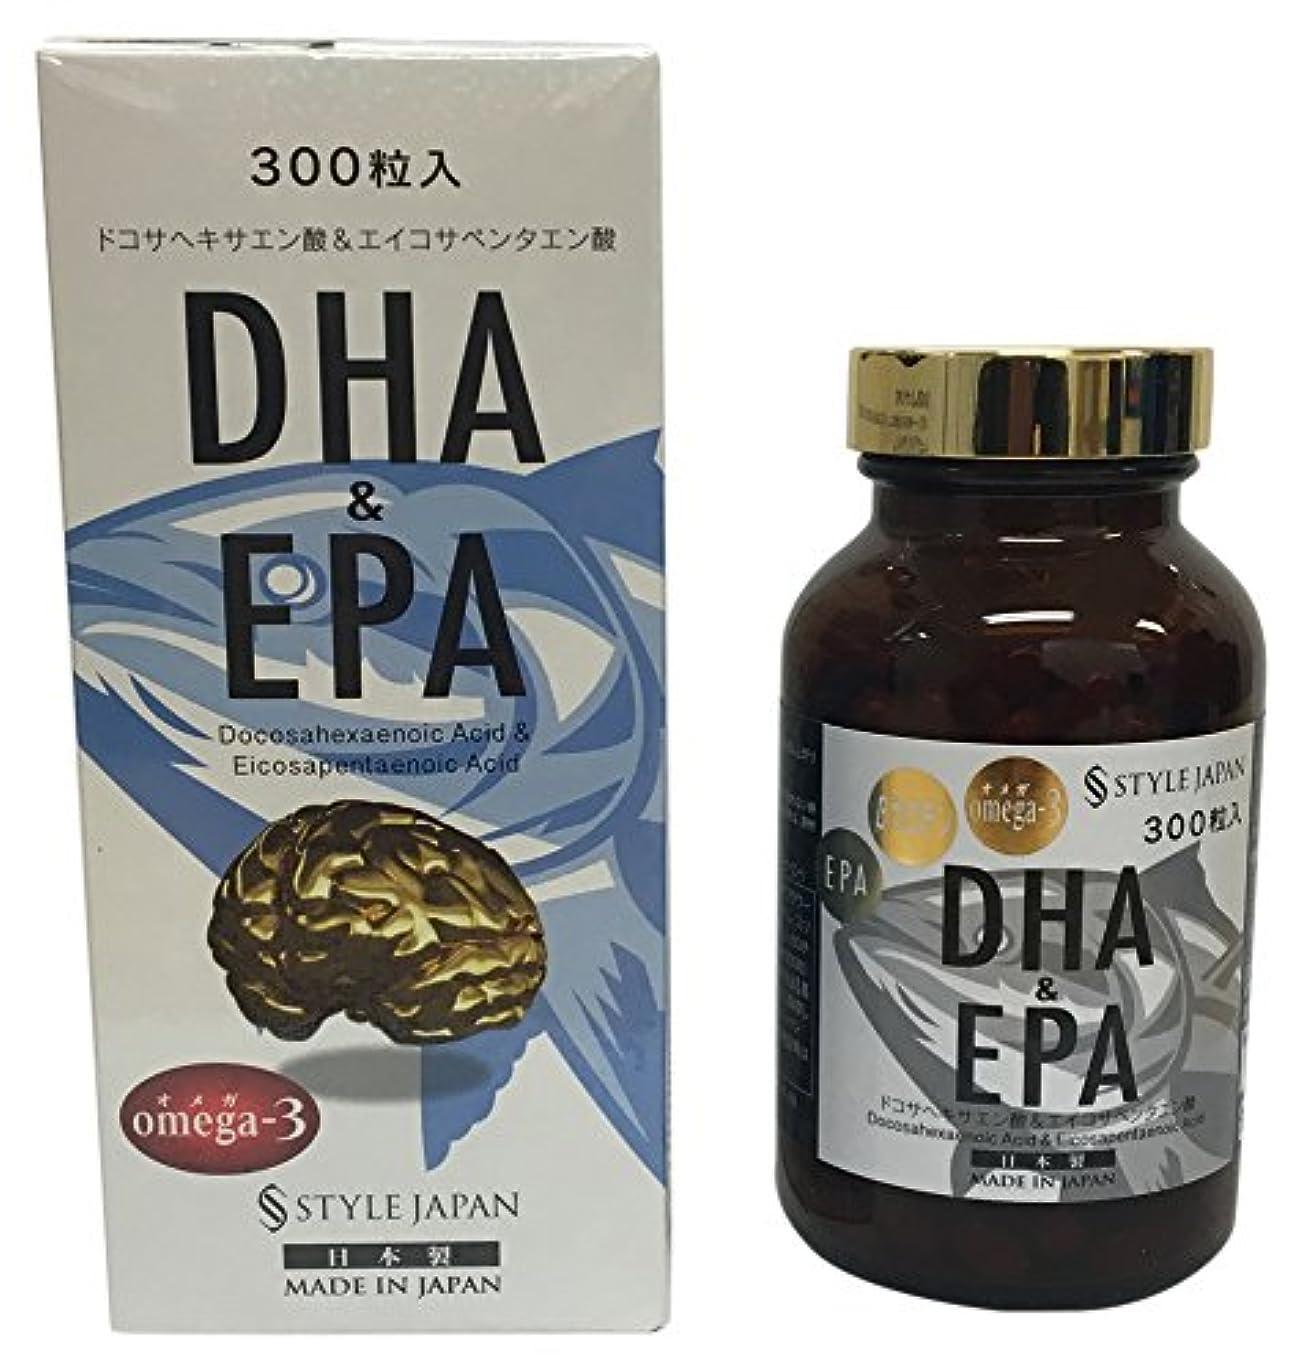 物語消化器対応スタイルジャパン DHA&EPA 300粒 90g 日本製